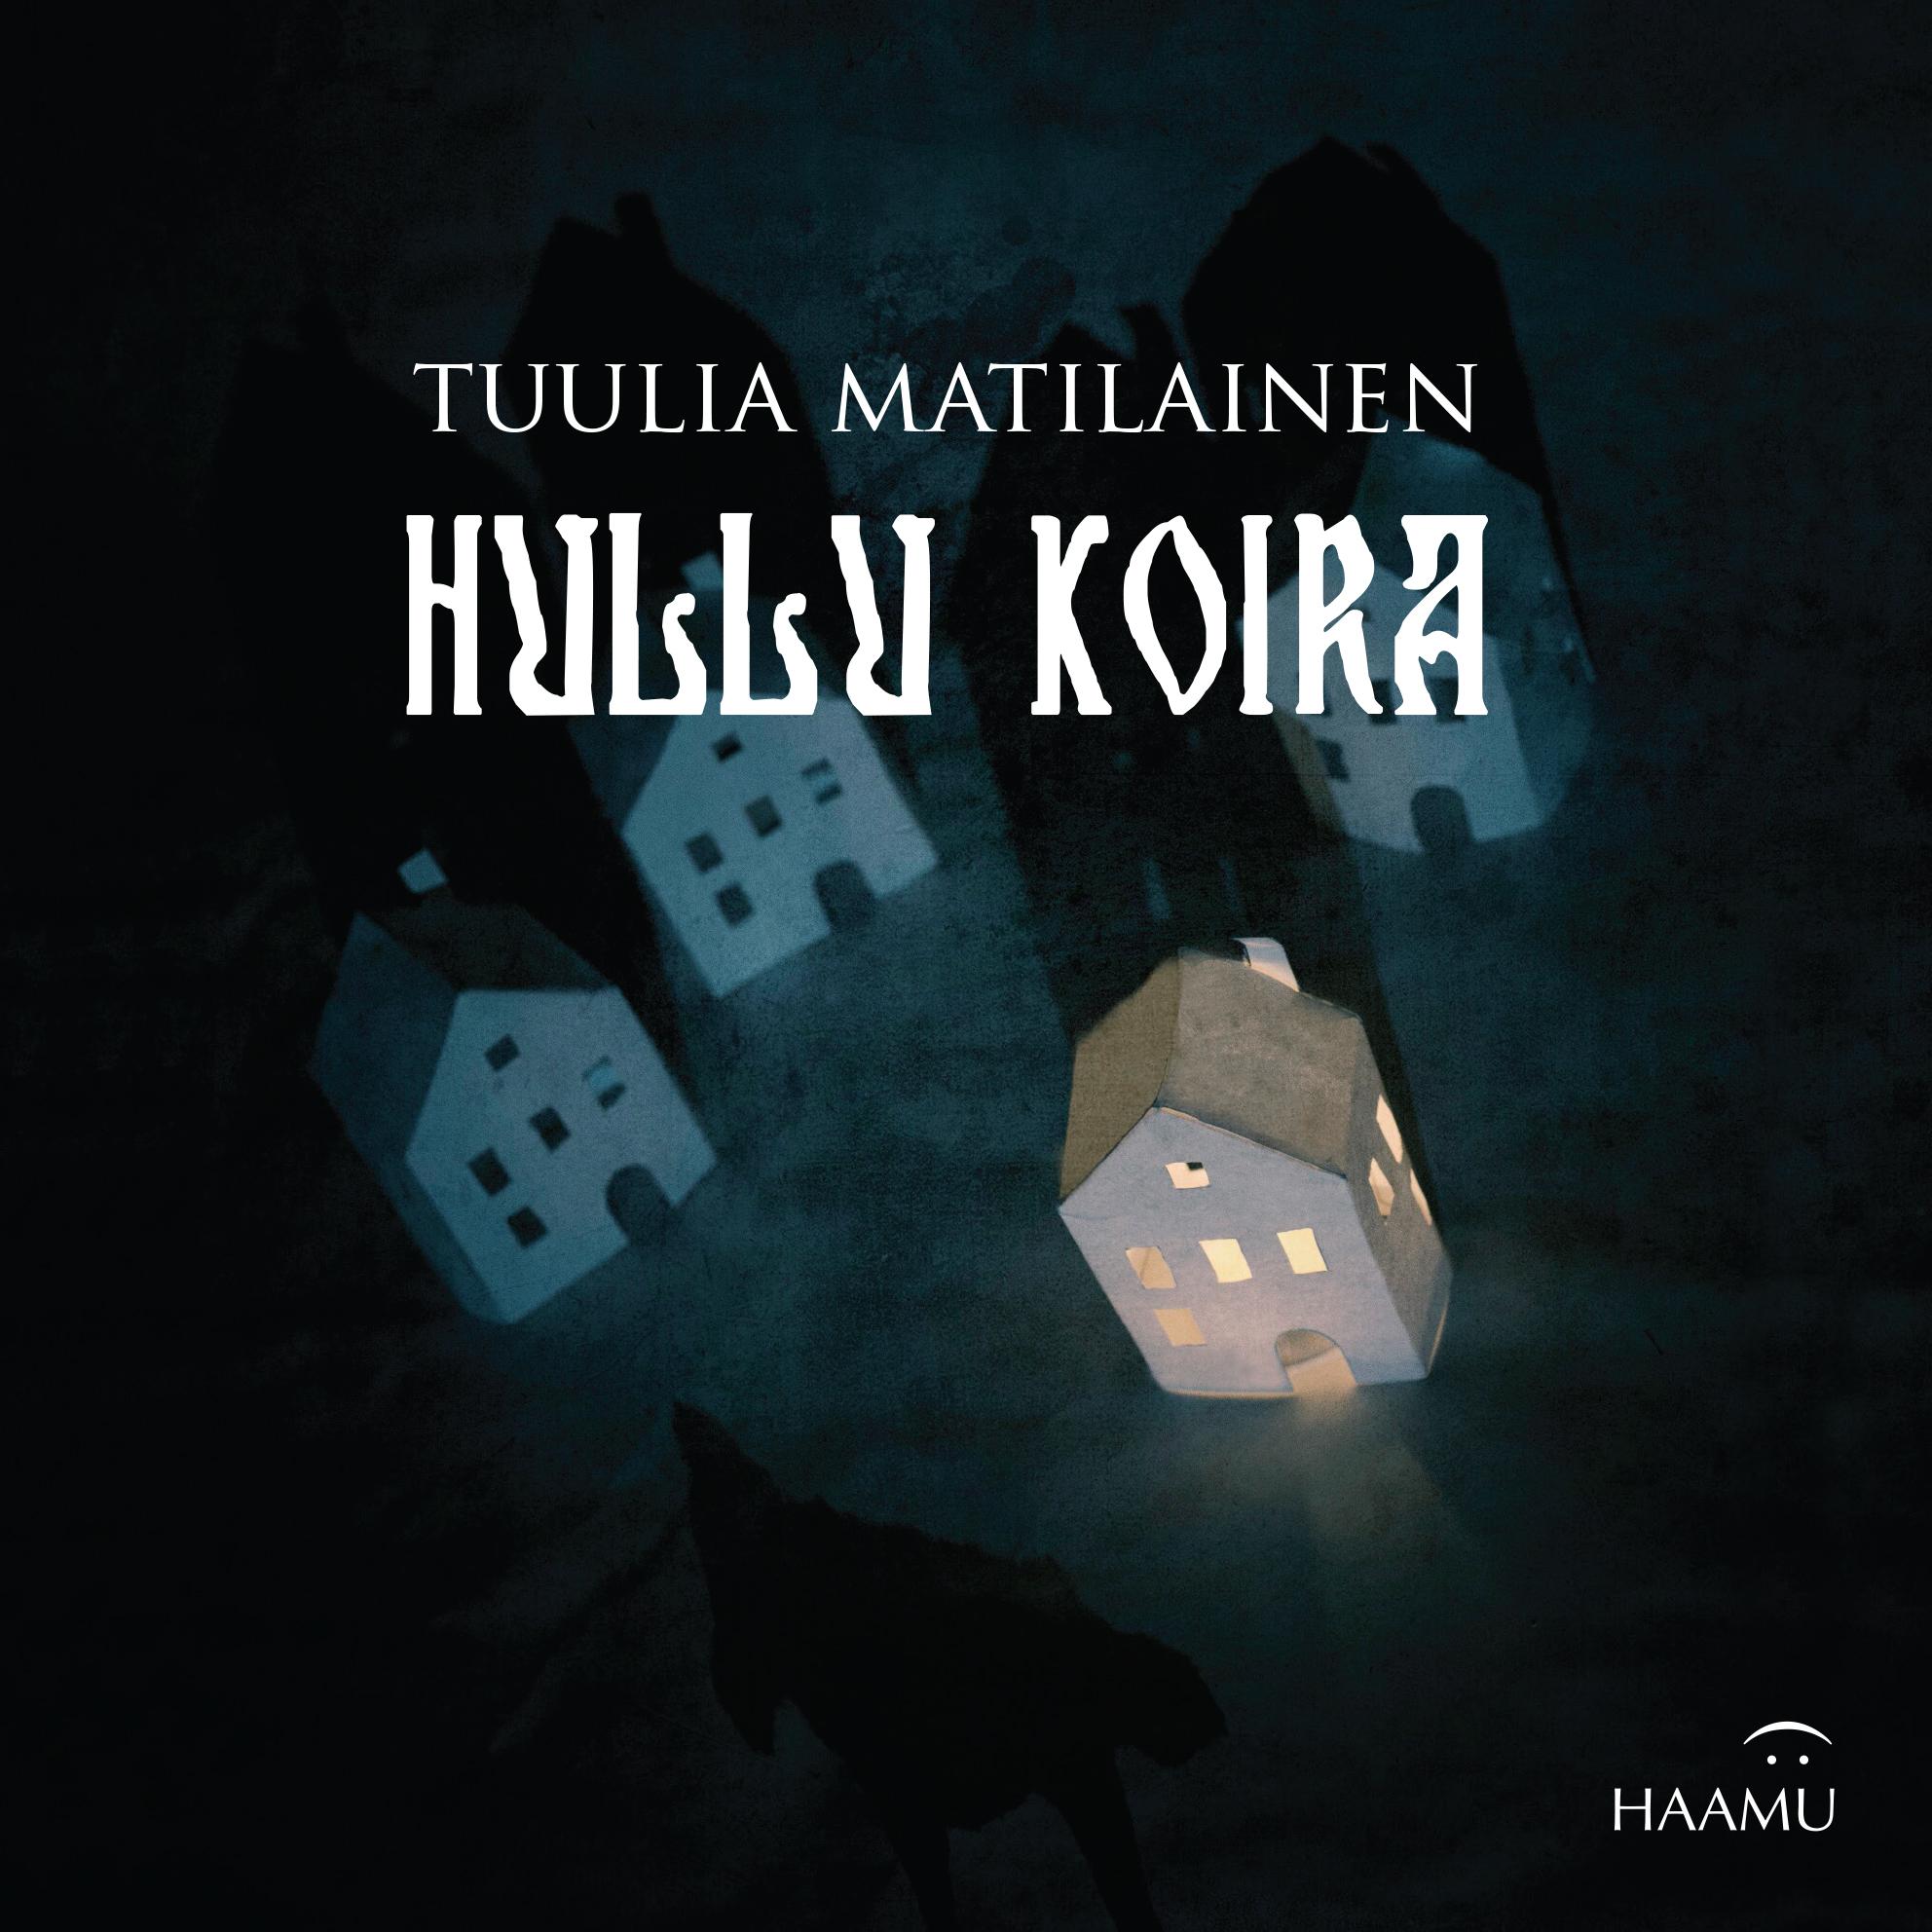 Hullu_koira_print